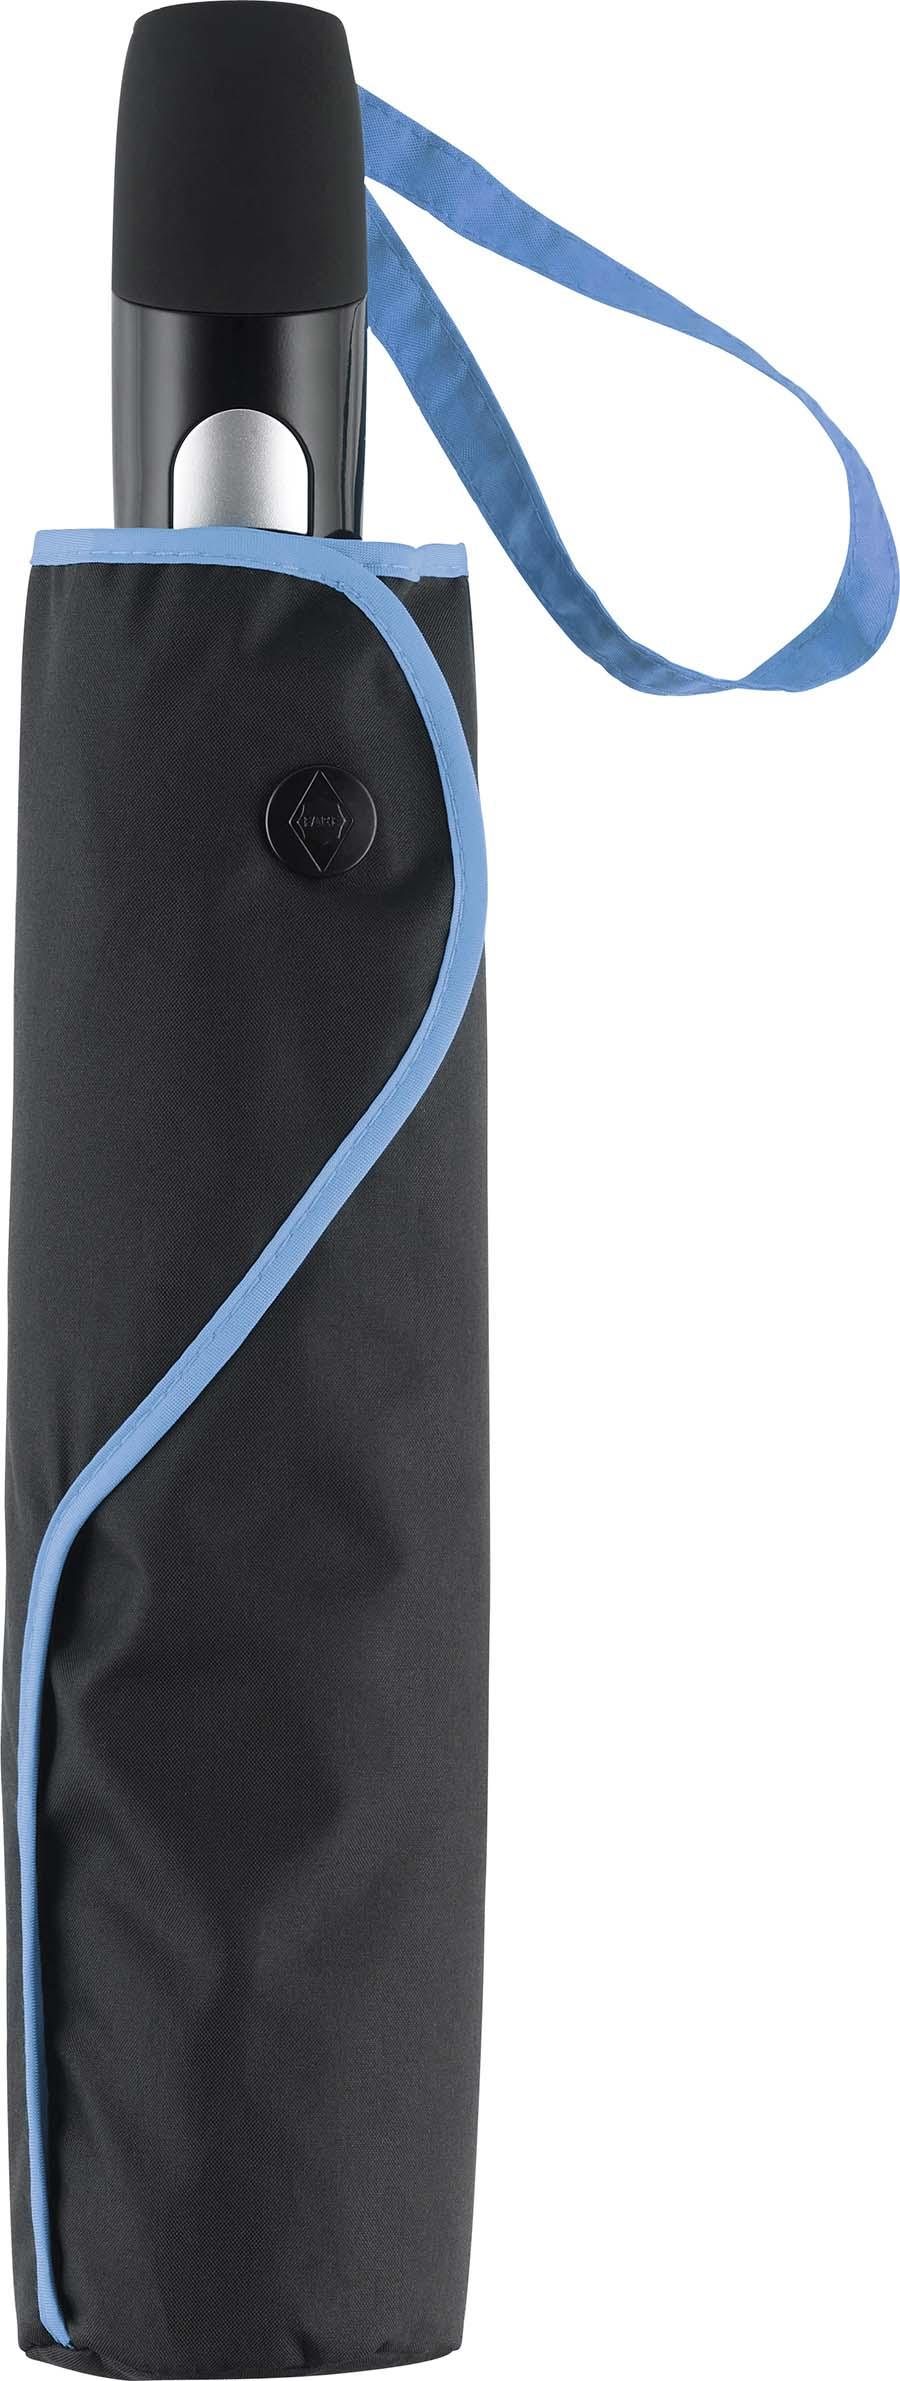 Parapluie de poche - 20-1485-1